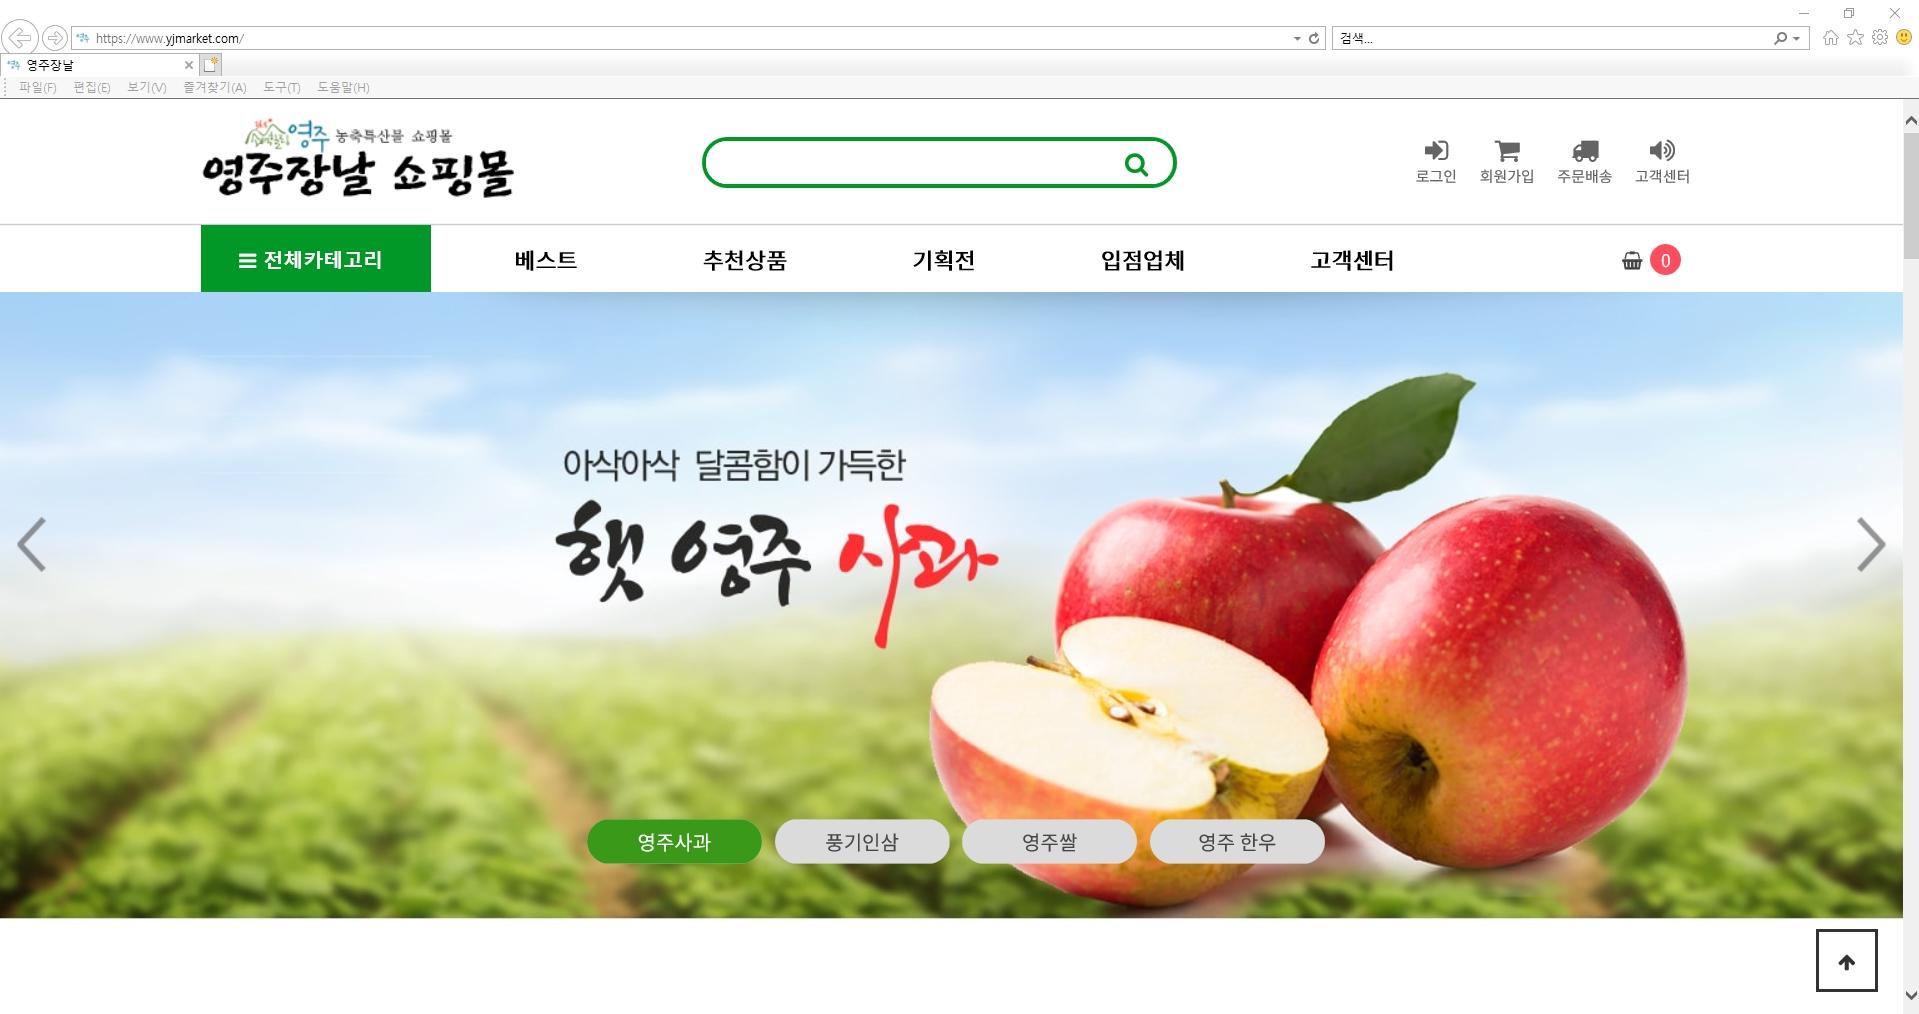 영주시↔(재)경상북도농식품유통교육진흥원, '영주장날' 쇼핑몰 운영 활성화를 위해 손잡다!